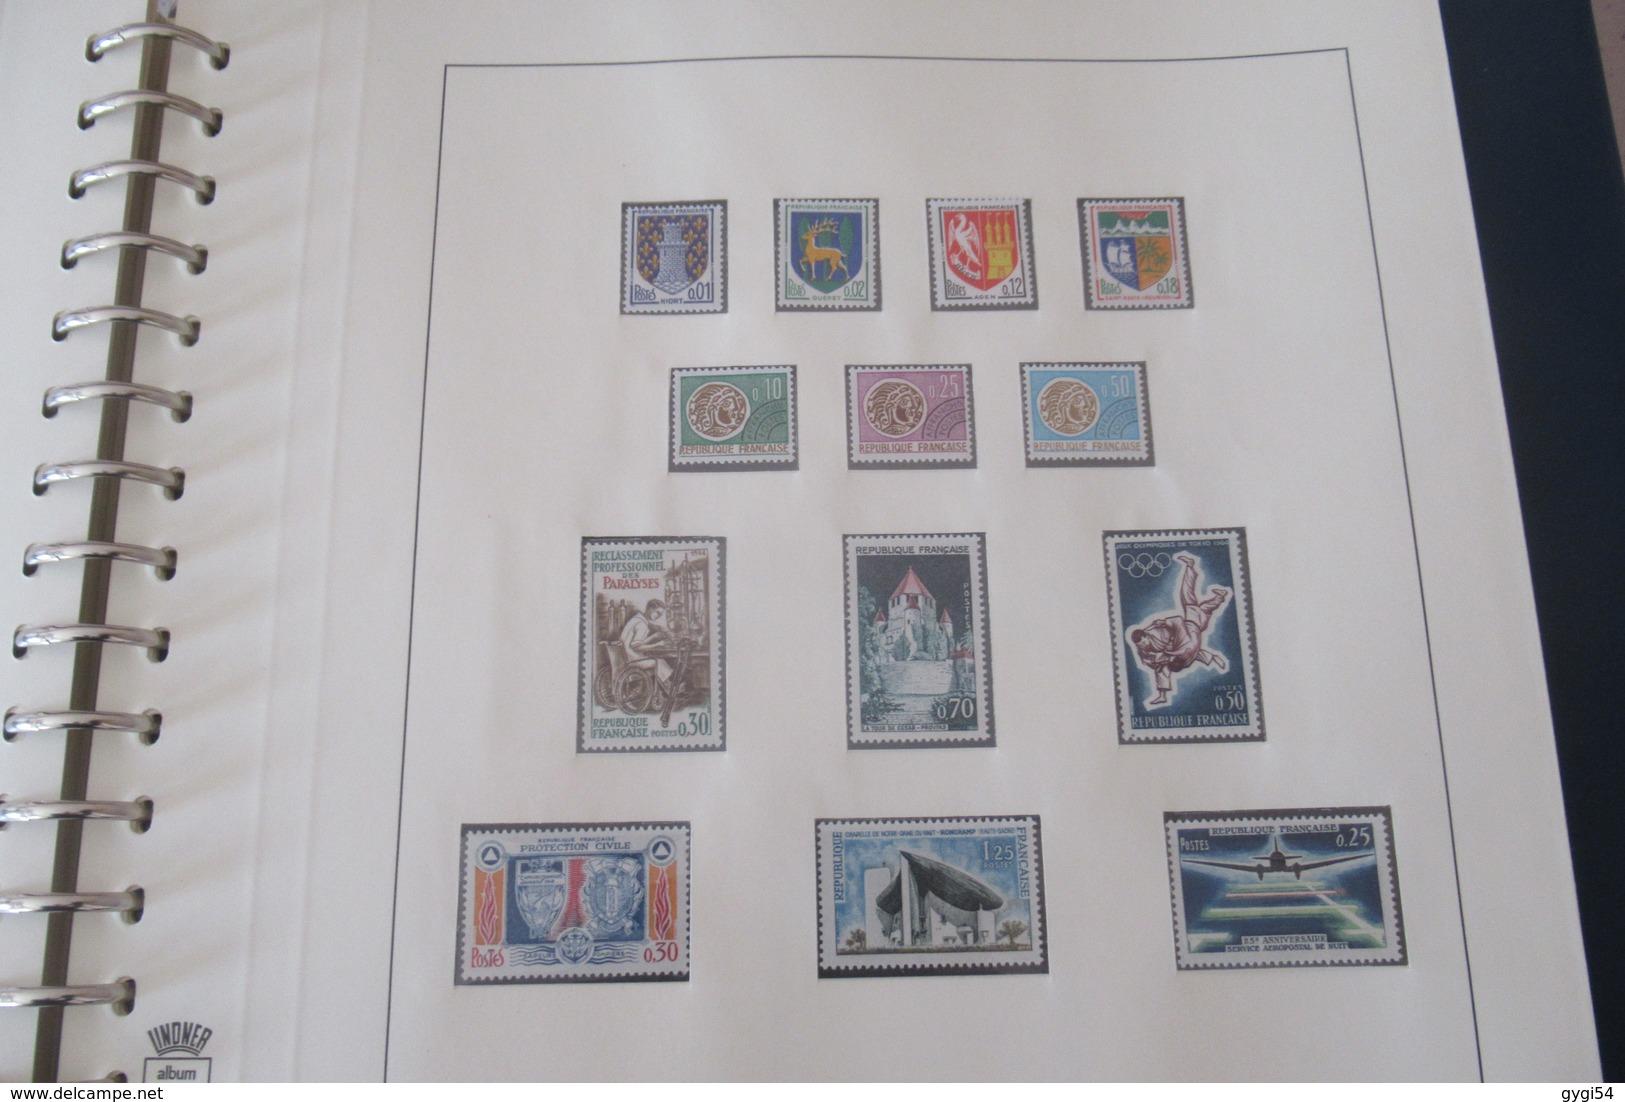 France 1953 - 1965 Cat Yt N° 940  à  1467 N** MNH  BLOC Philatec N°6 ET Poste Aérienne N° 30  à 41 N** MNH  COTE 2303 - Briefmarken